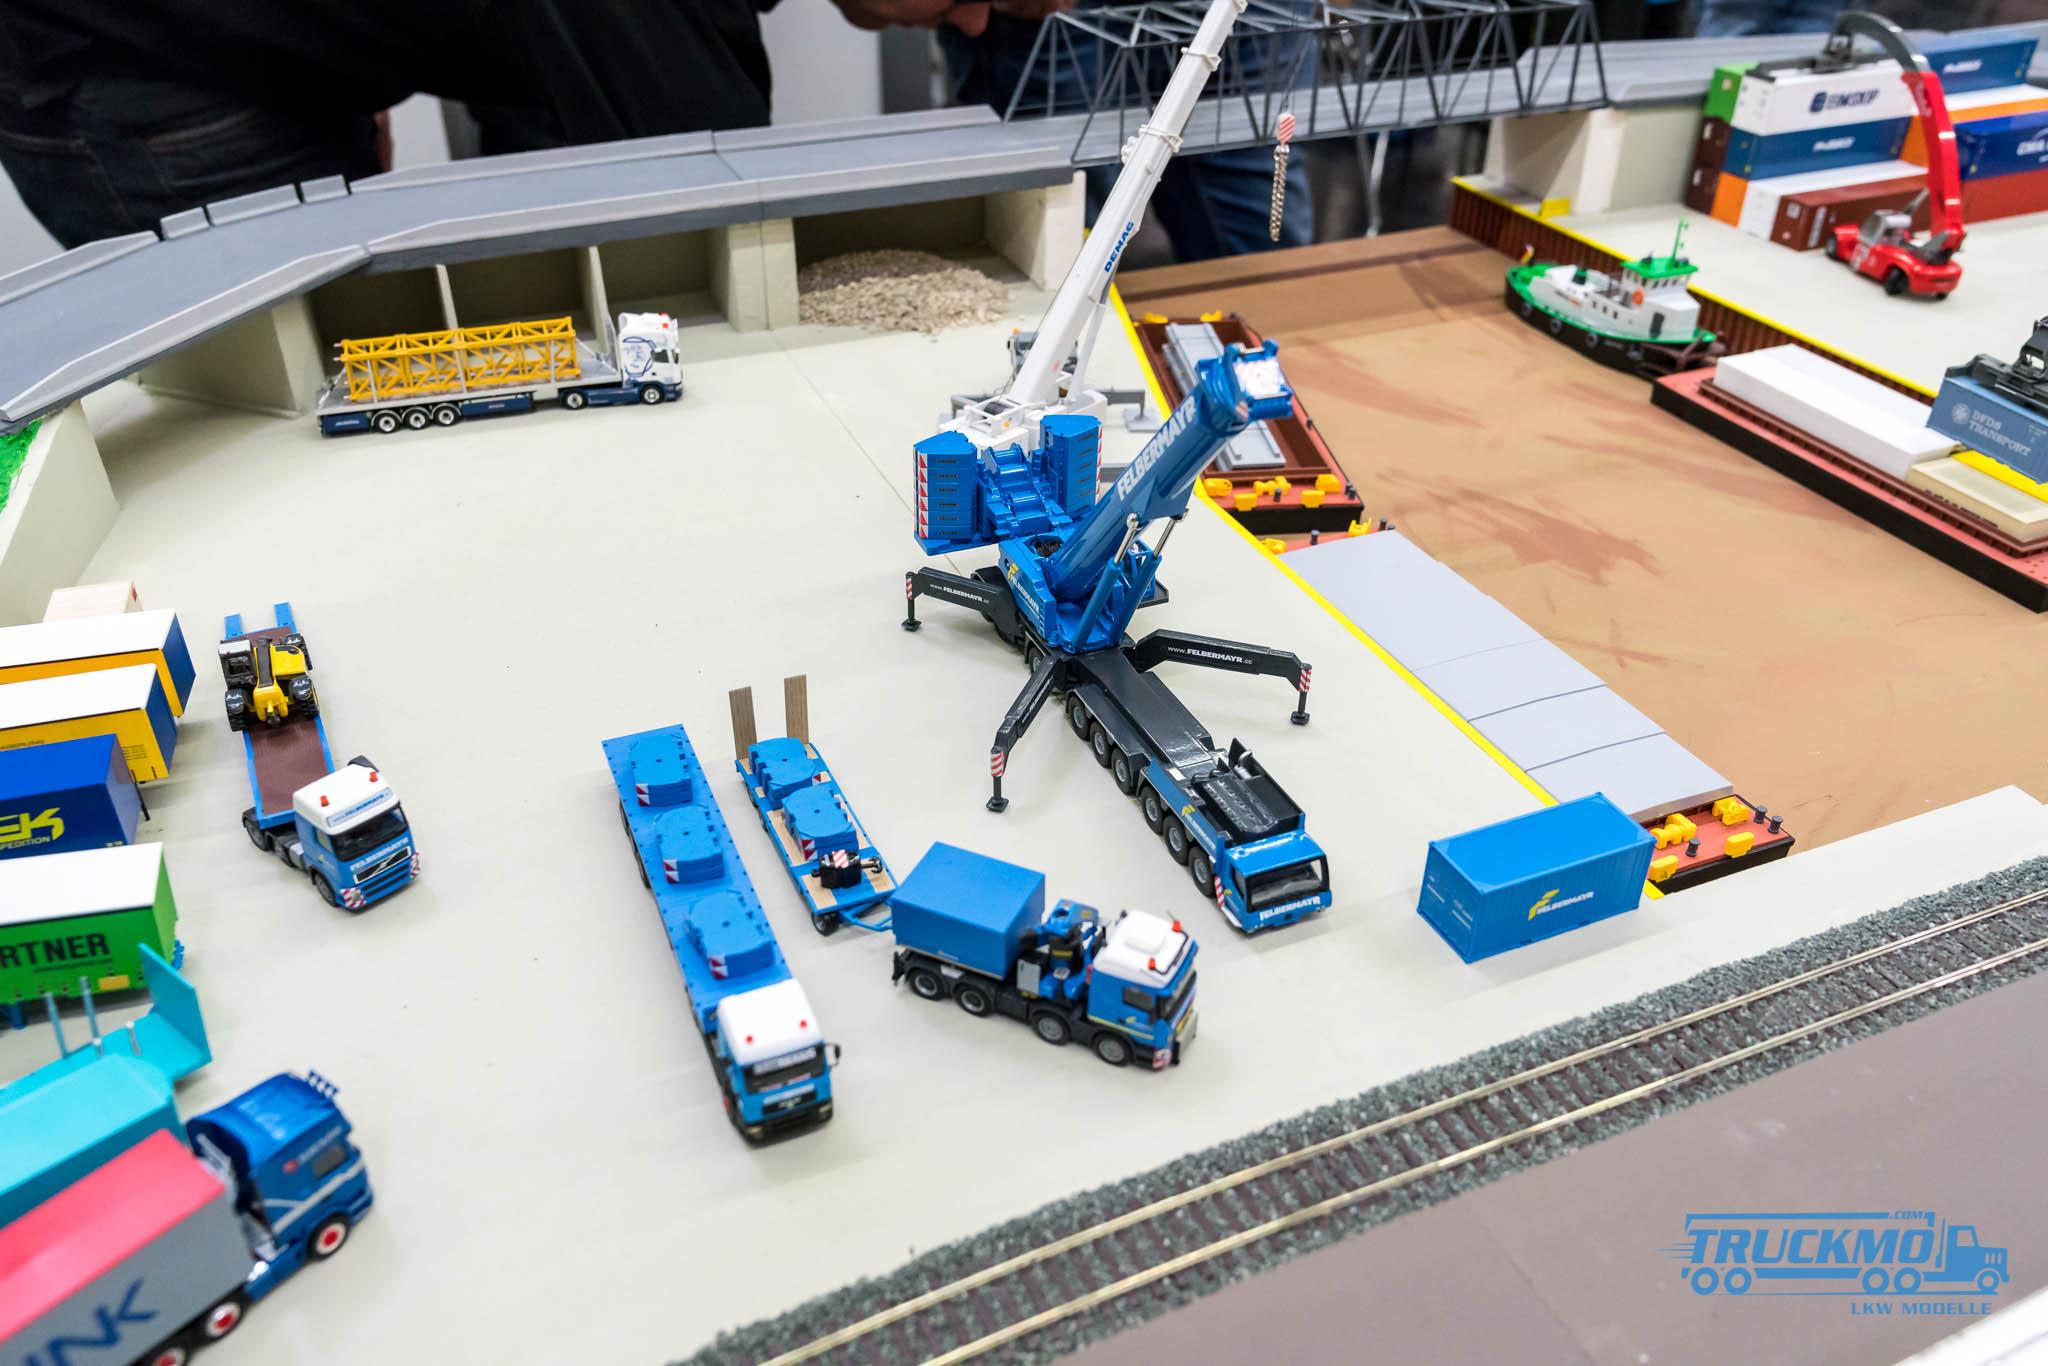 Truckmo_Modellbau_Ried_2017_Herpa_Messe_Modellbauausstellung (130 von 1177)